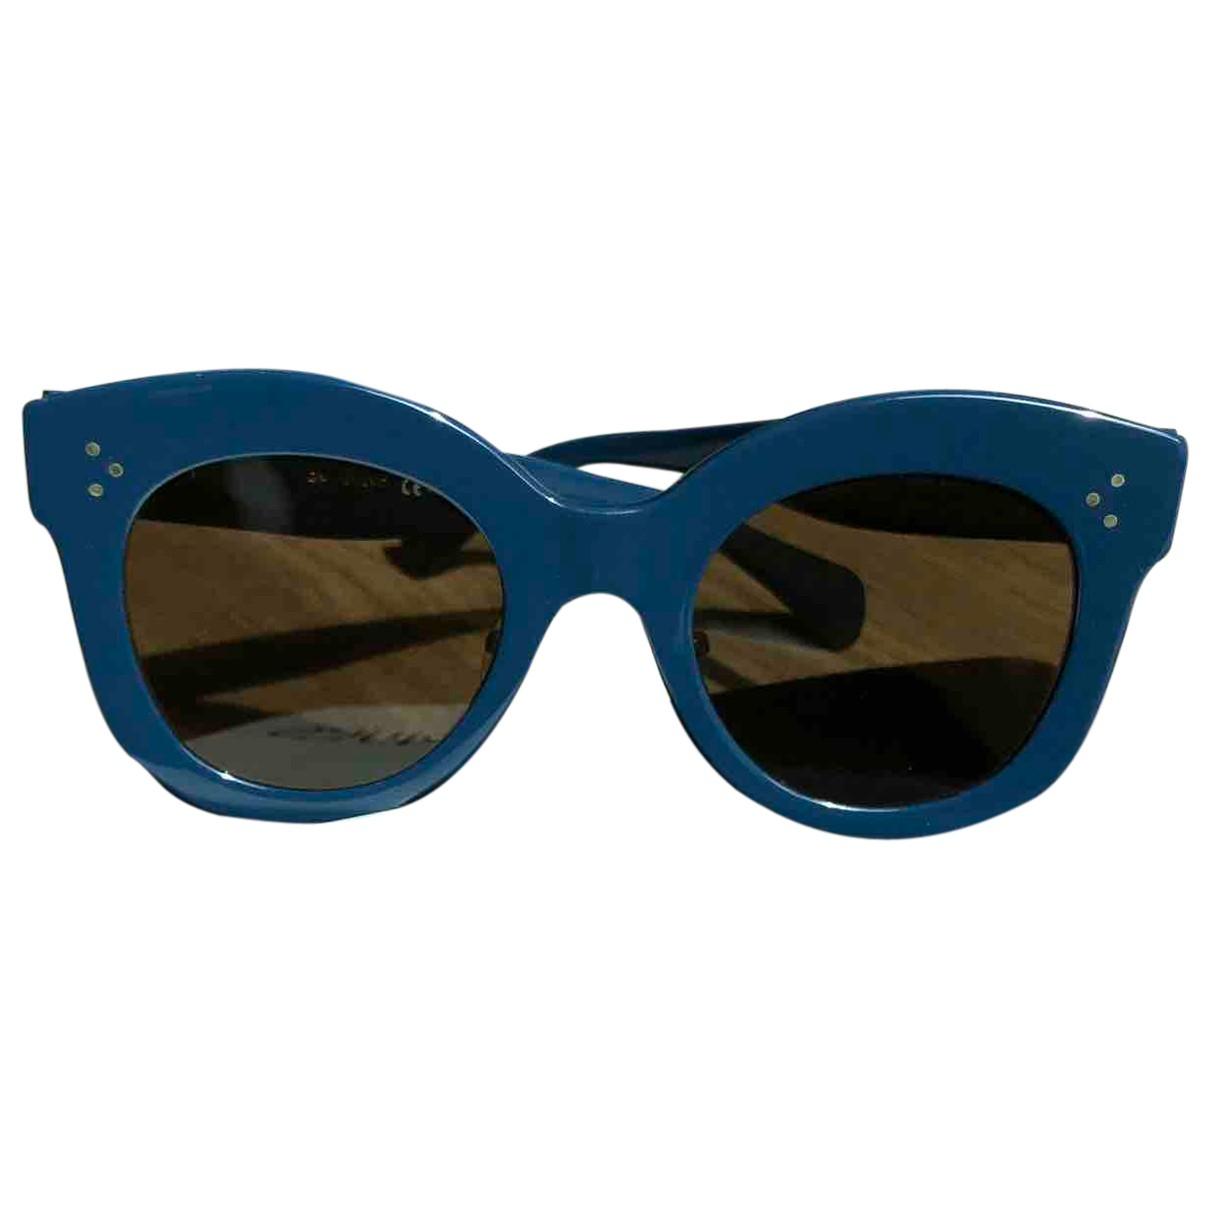 Celine - Lunettes Marta pour femme - bleu